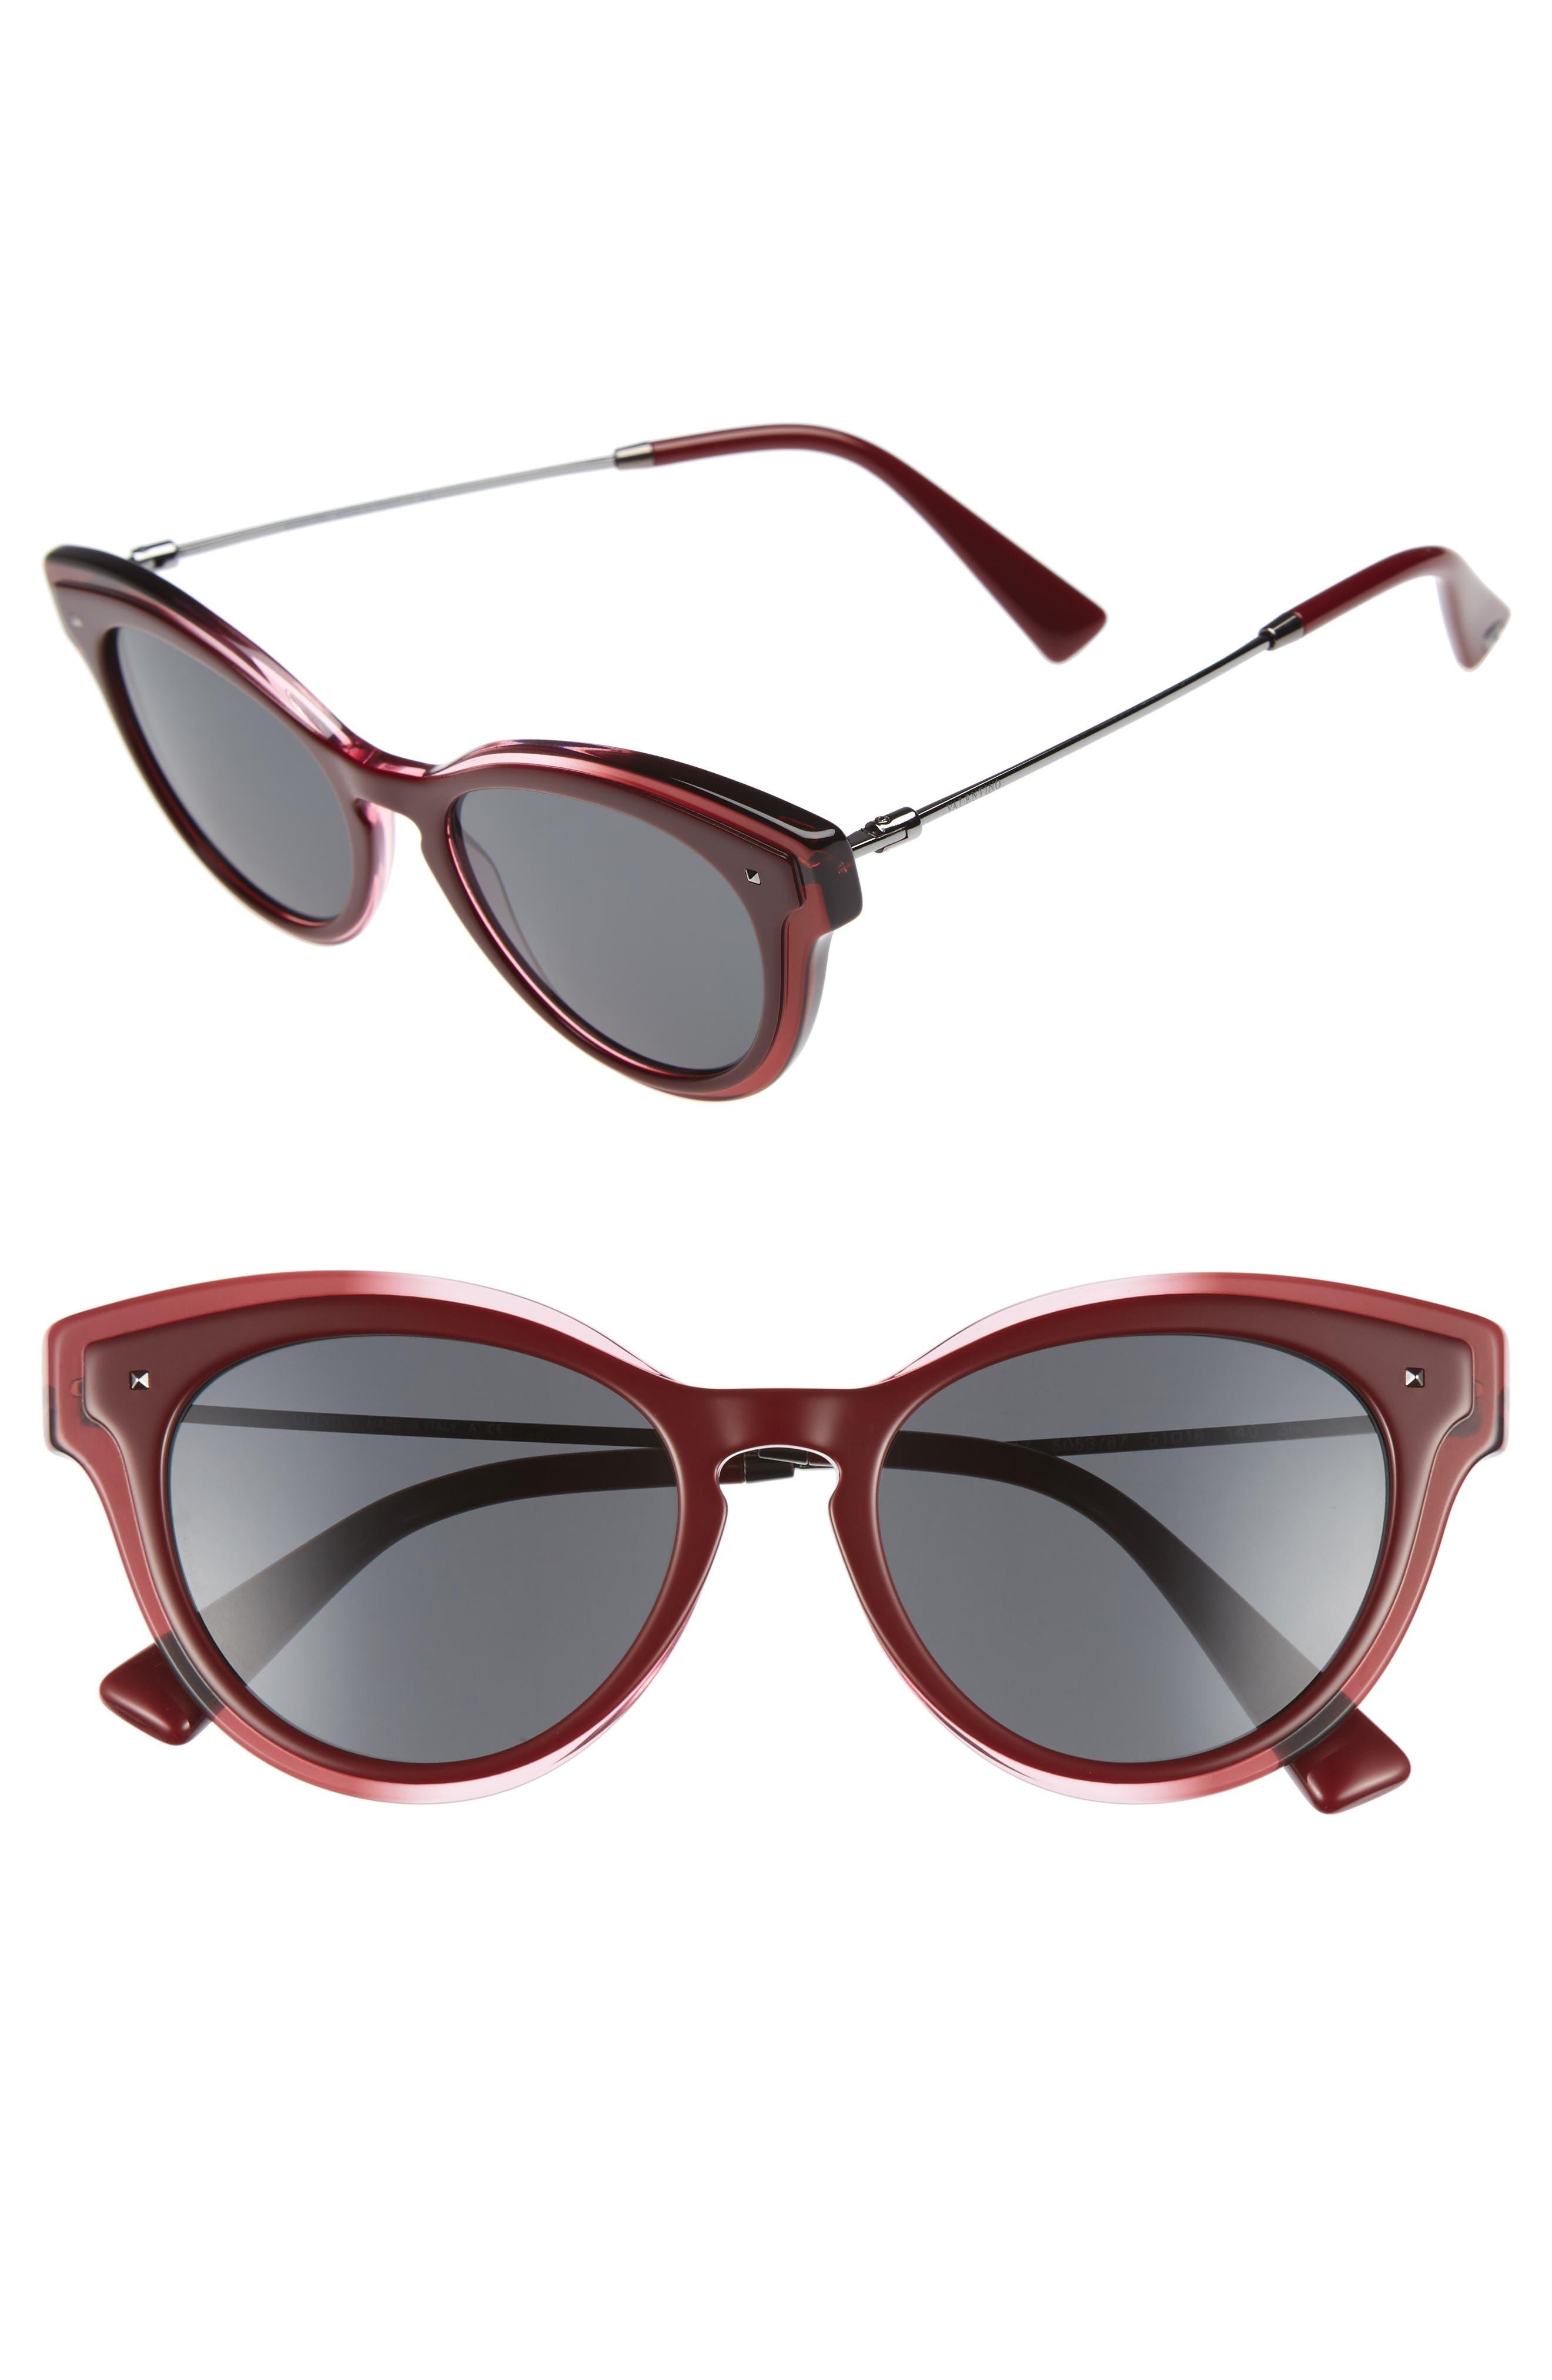 Main Image - Valentino 51mm Cat Eye Sunglasses